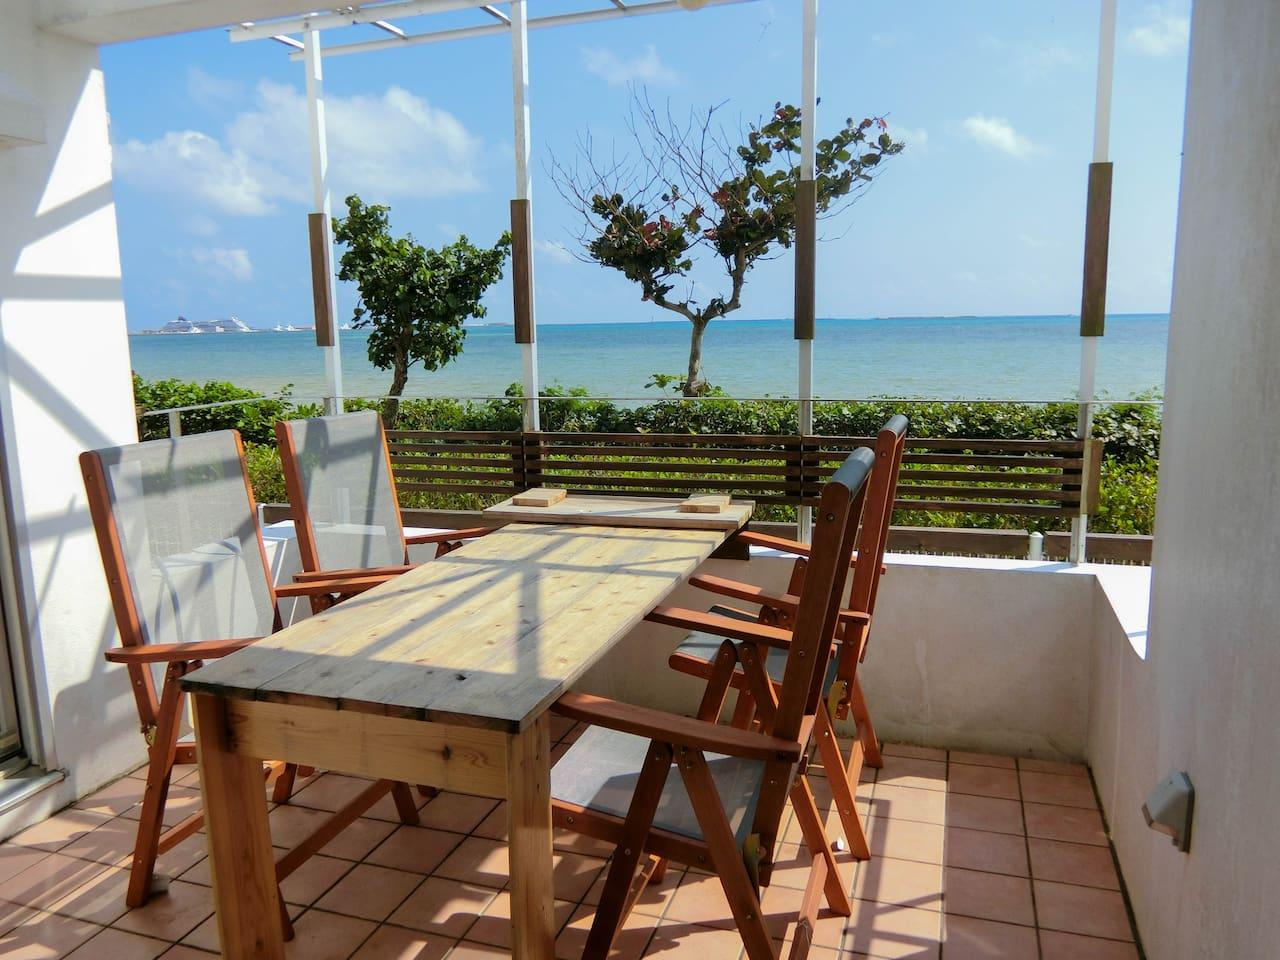 海の見えるバルコニー/Balcony with ocean view!